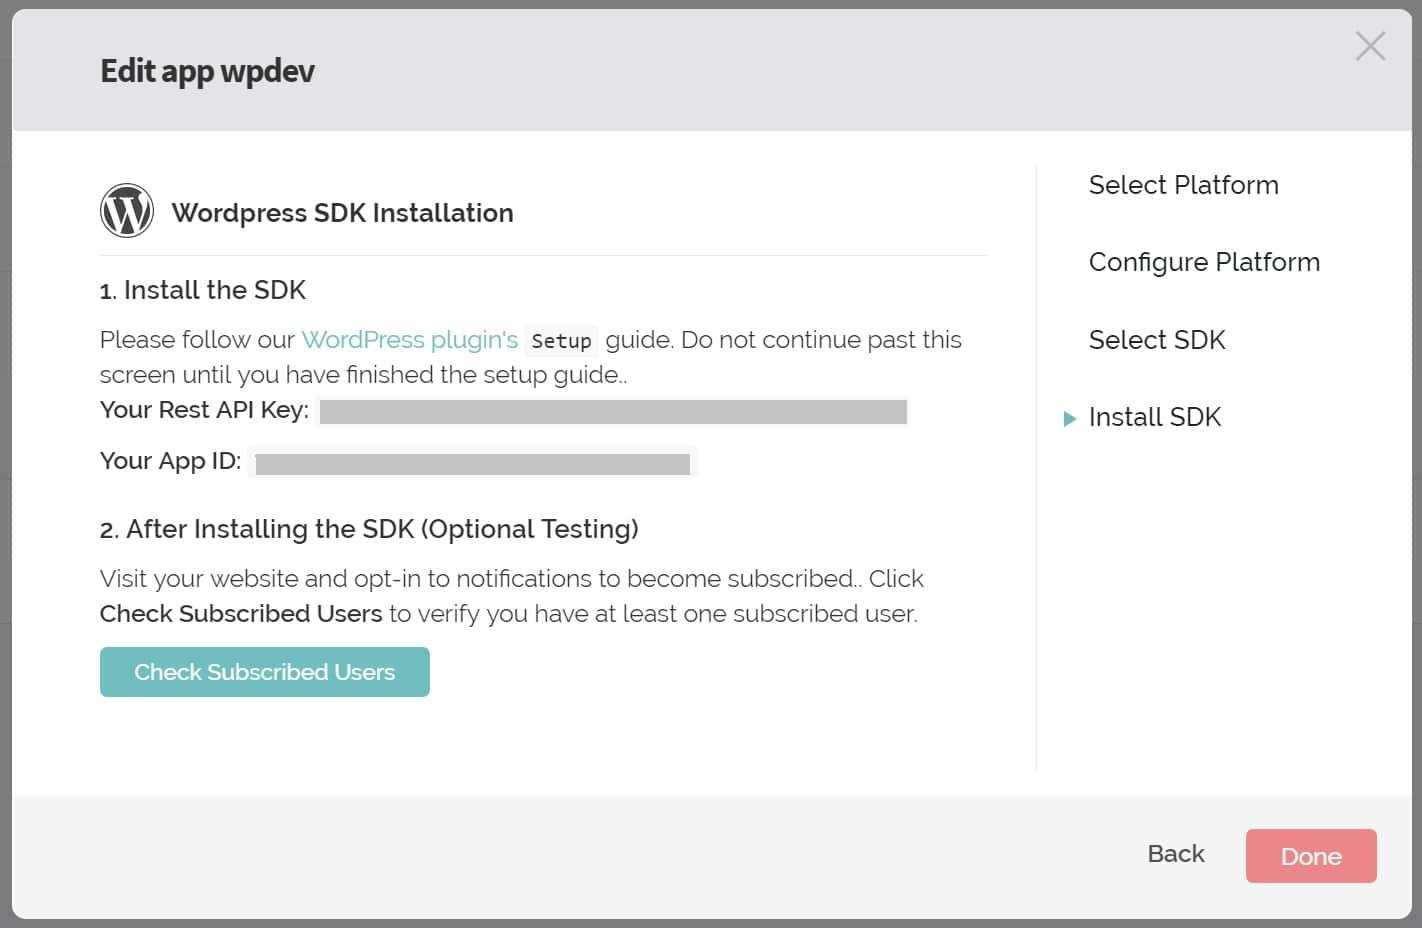 OneSignal API-nyckel och App-ID